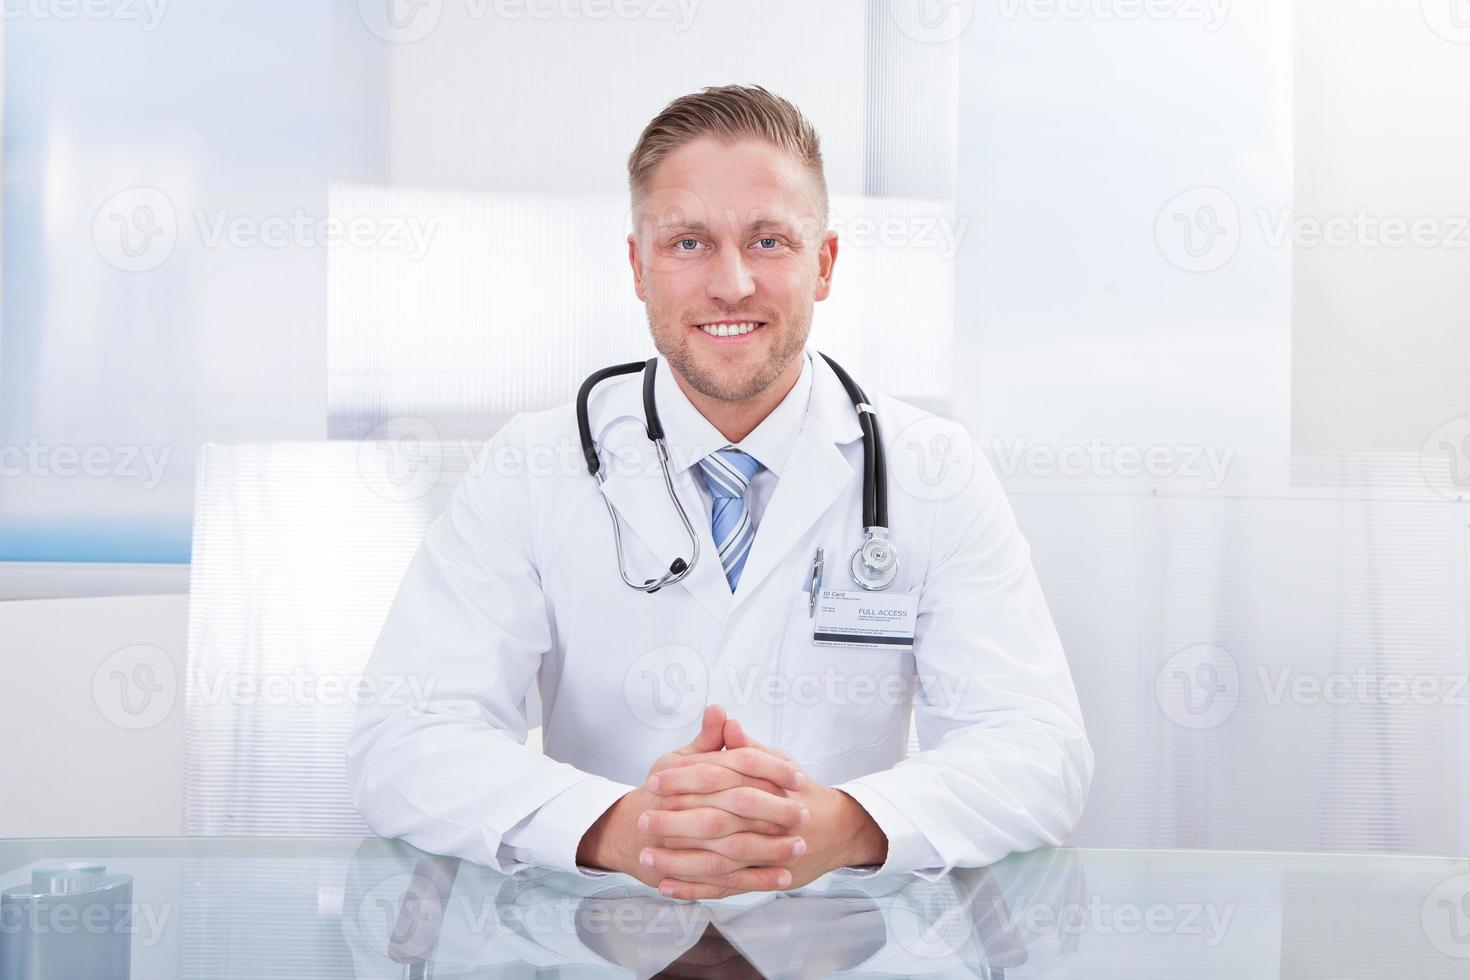 médico ou consultor sorridente, sentado em uma mesa foto